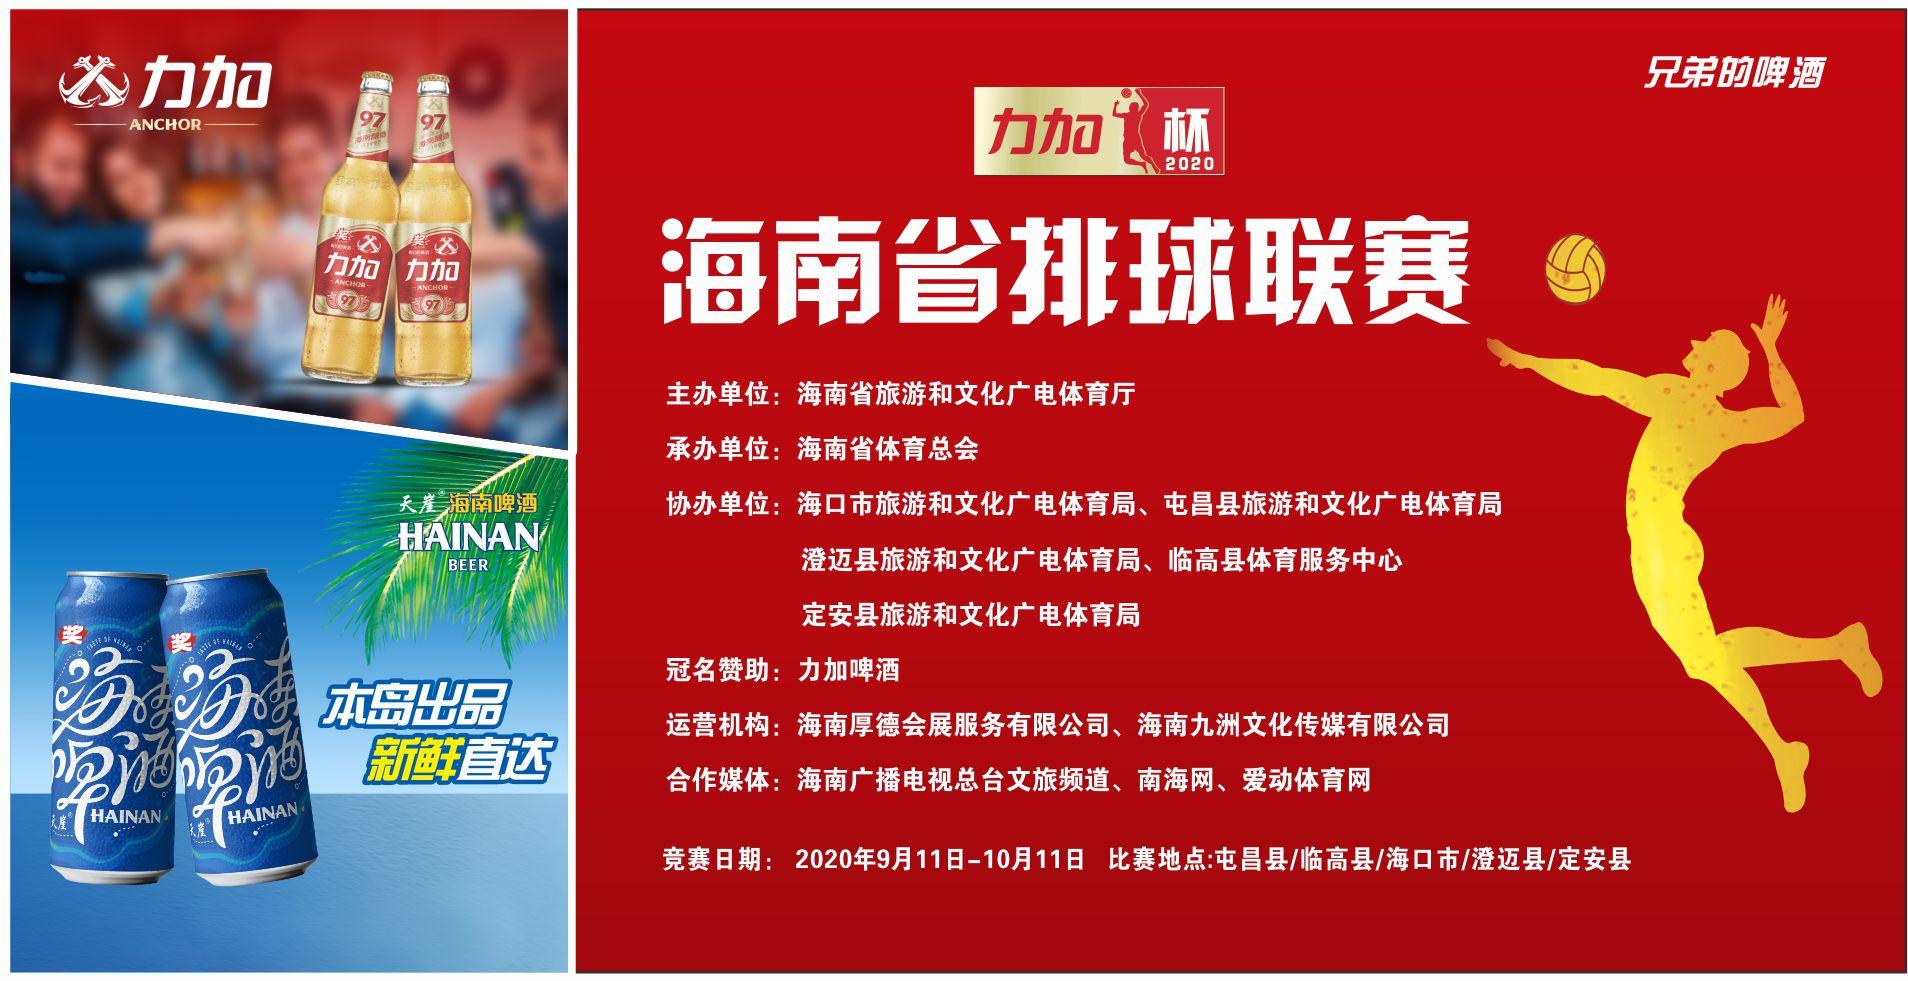 """【回放】2020""""力加杯""""海南省排球联赛 9月13日上午(A组)"""